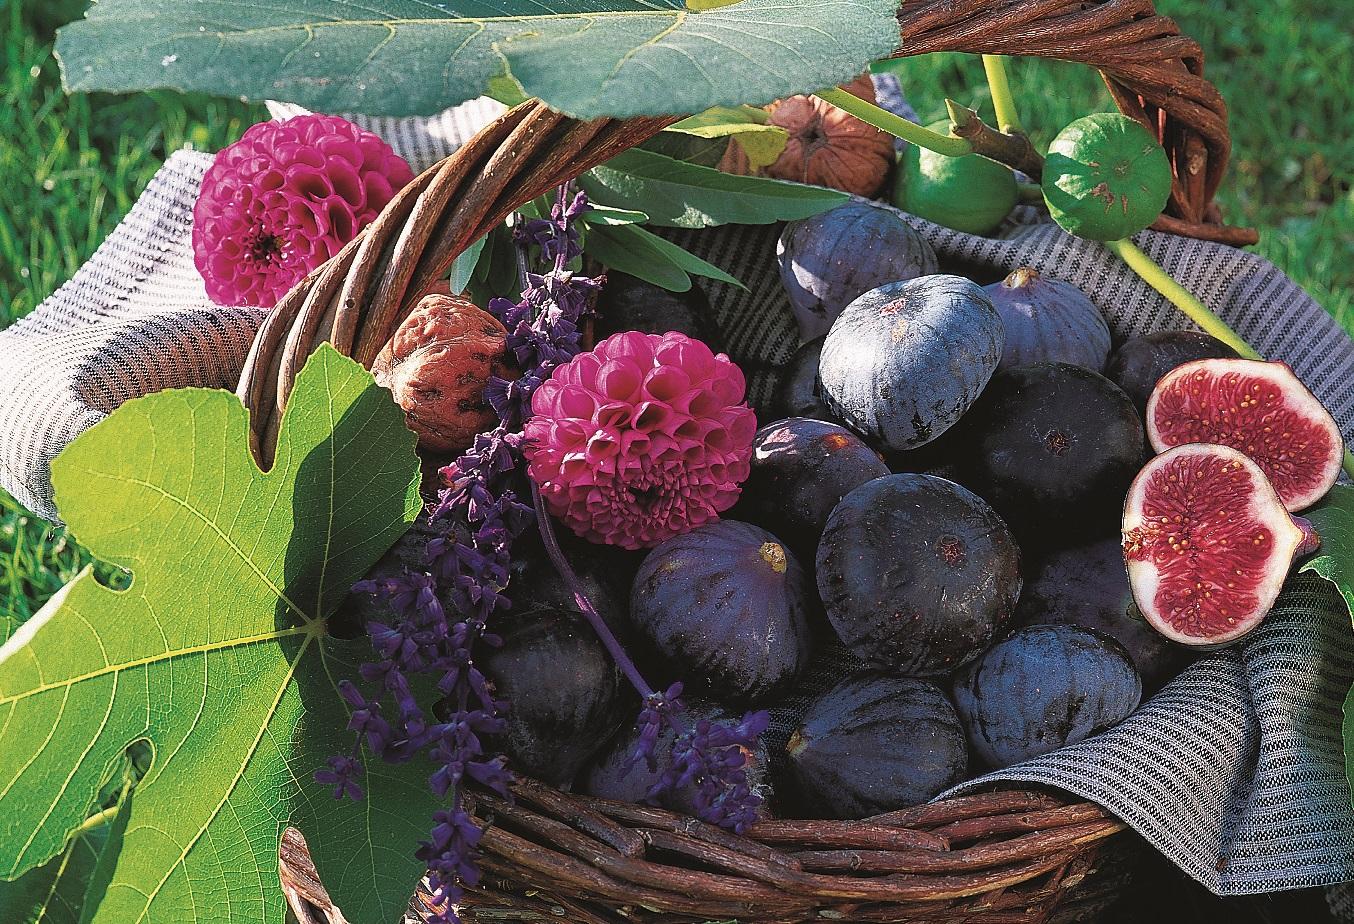 Le figuier comment le planter et le tailler les carnets de georges delbard - Quand cueillir les figues ...